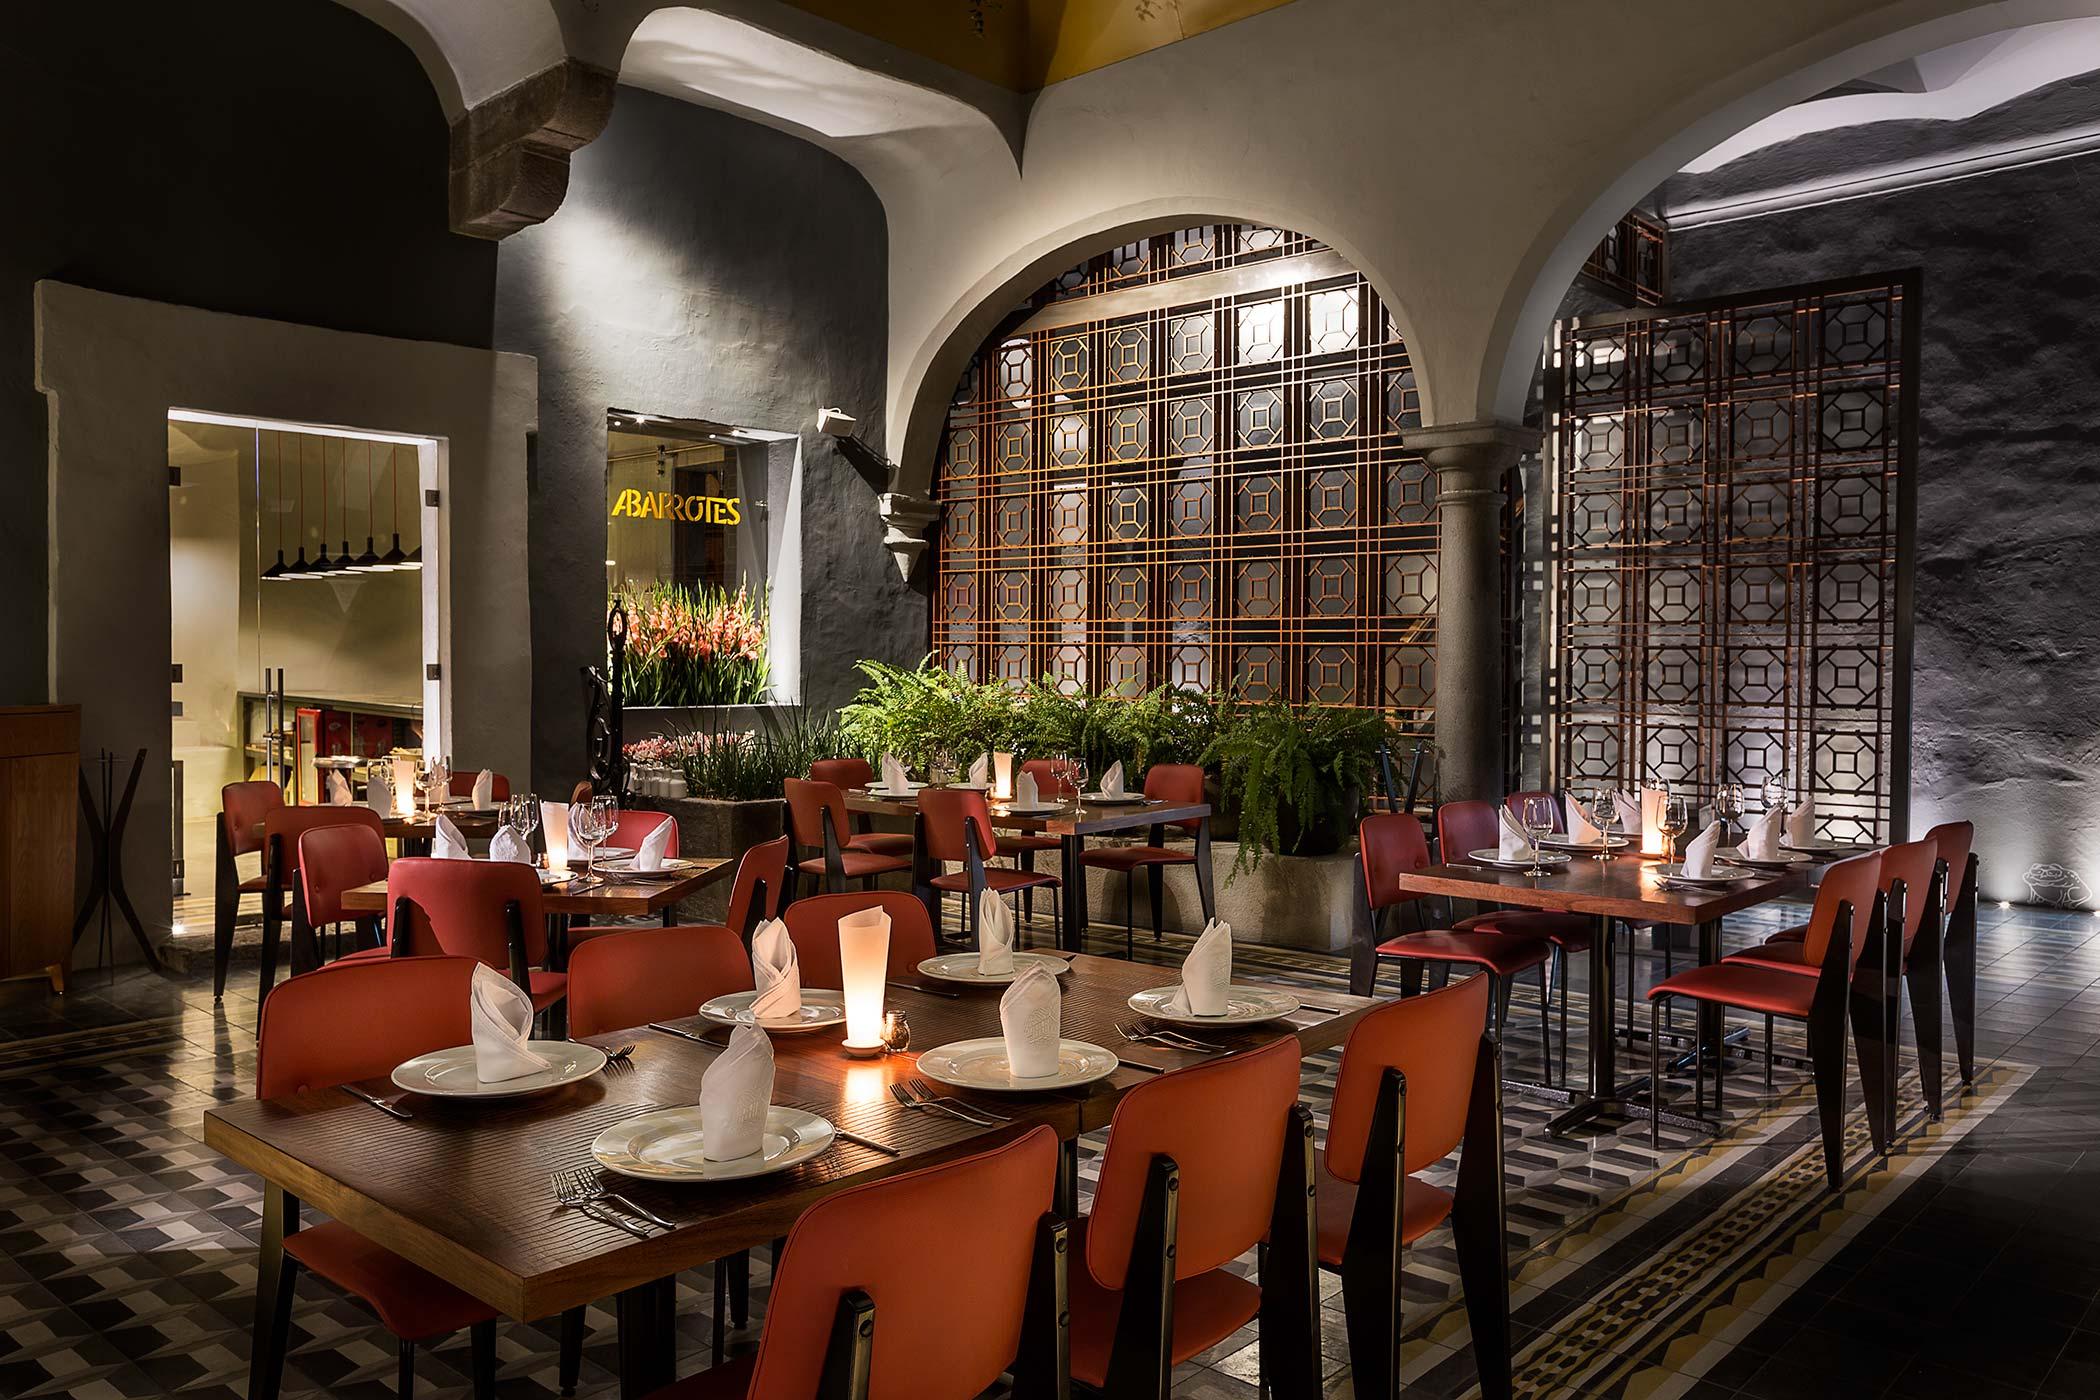 Los 10 Mejores Chiles En Nogada Seg 250 N Forbes Puebla Dos 22